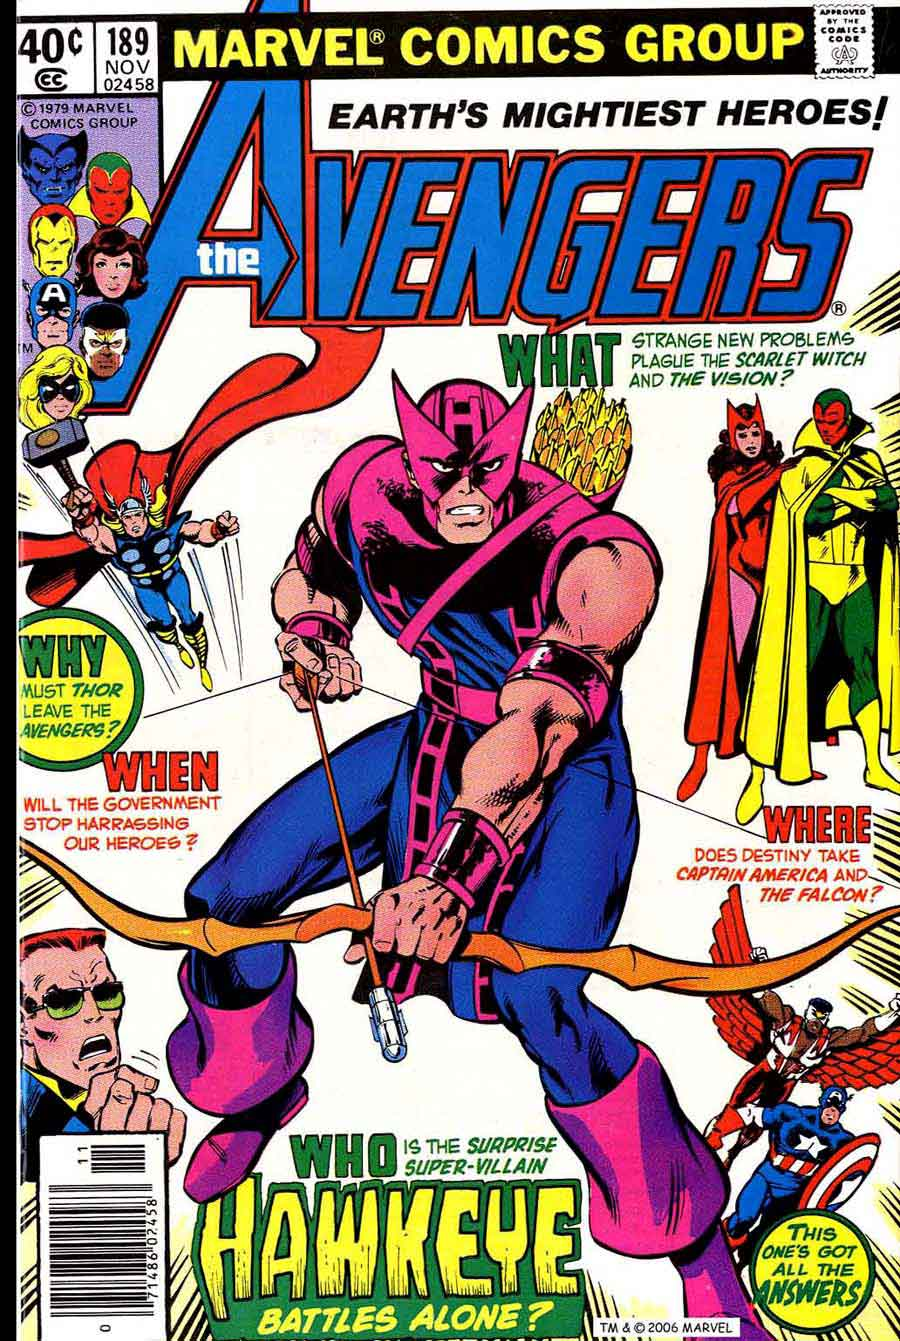 Avengers #189 marvel 1970s bronze age comic book cover art by John Byrne